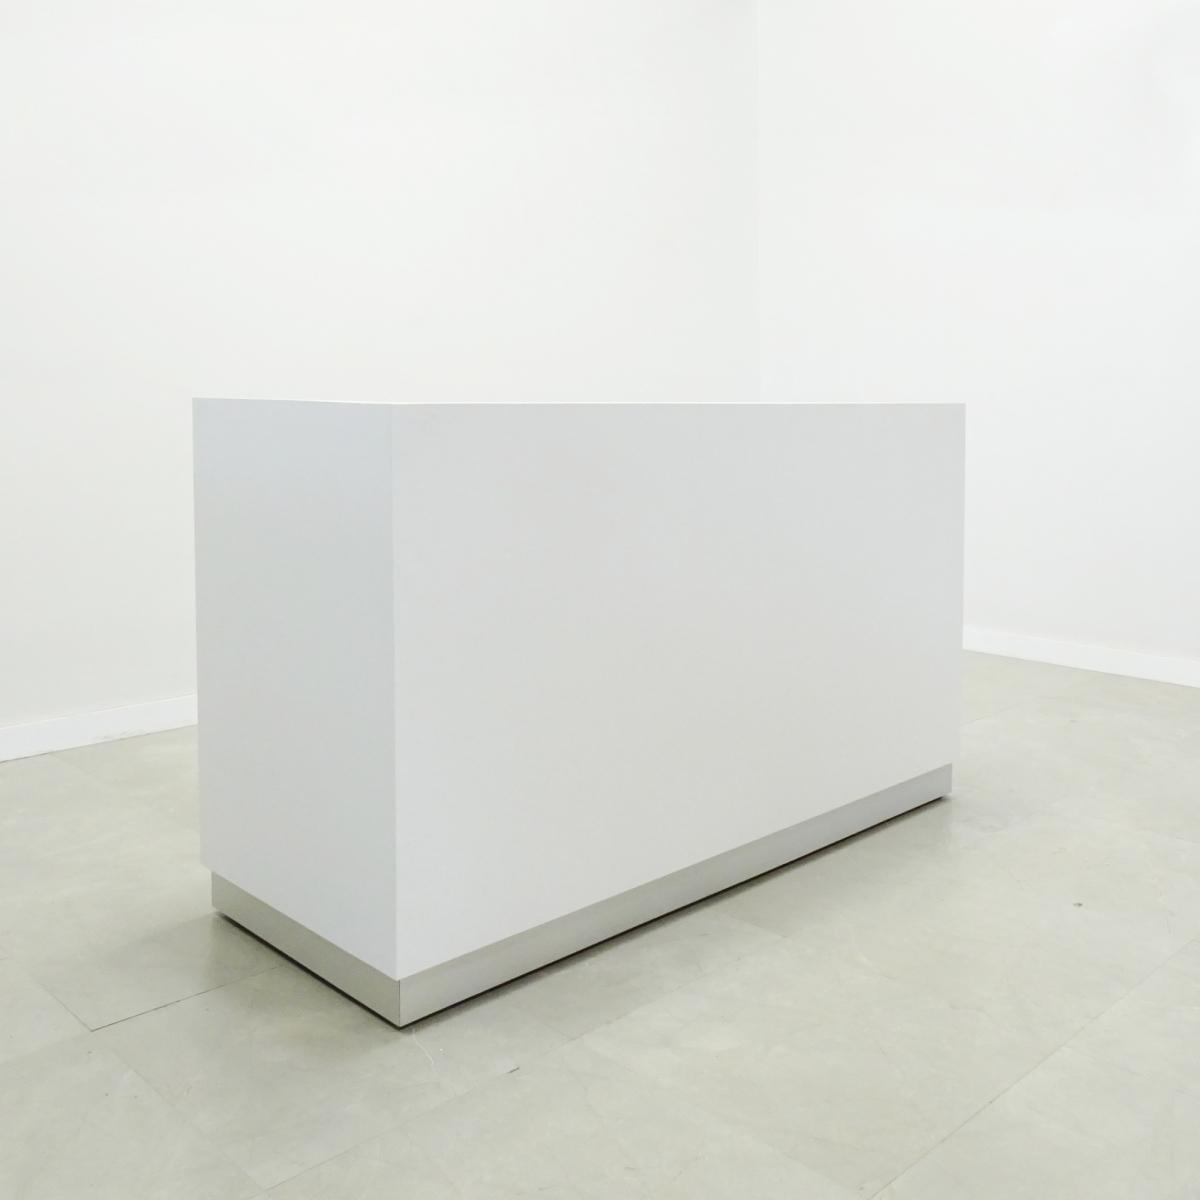 84 In. Dallas L Shape Reception Desk White Gloss Laminate - Stock #30